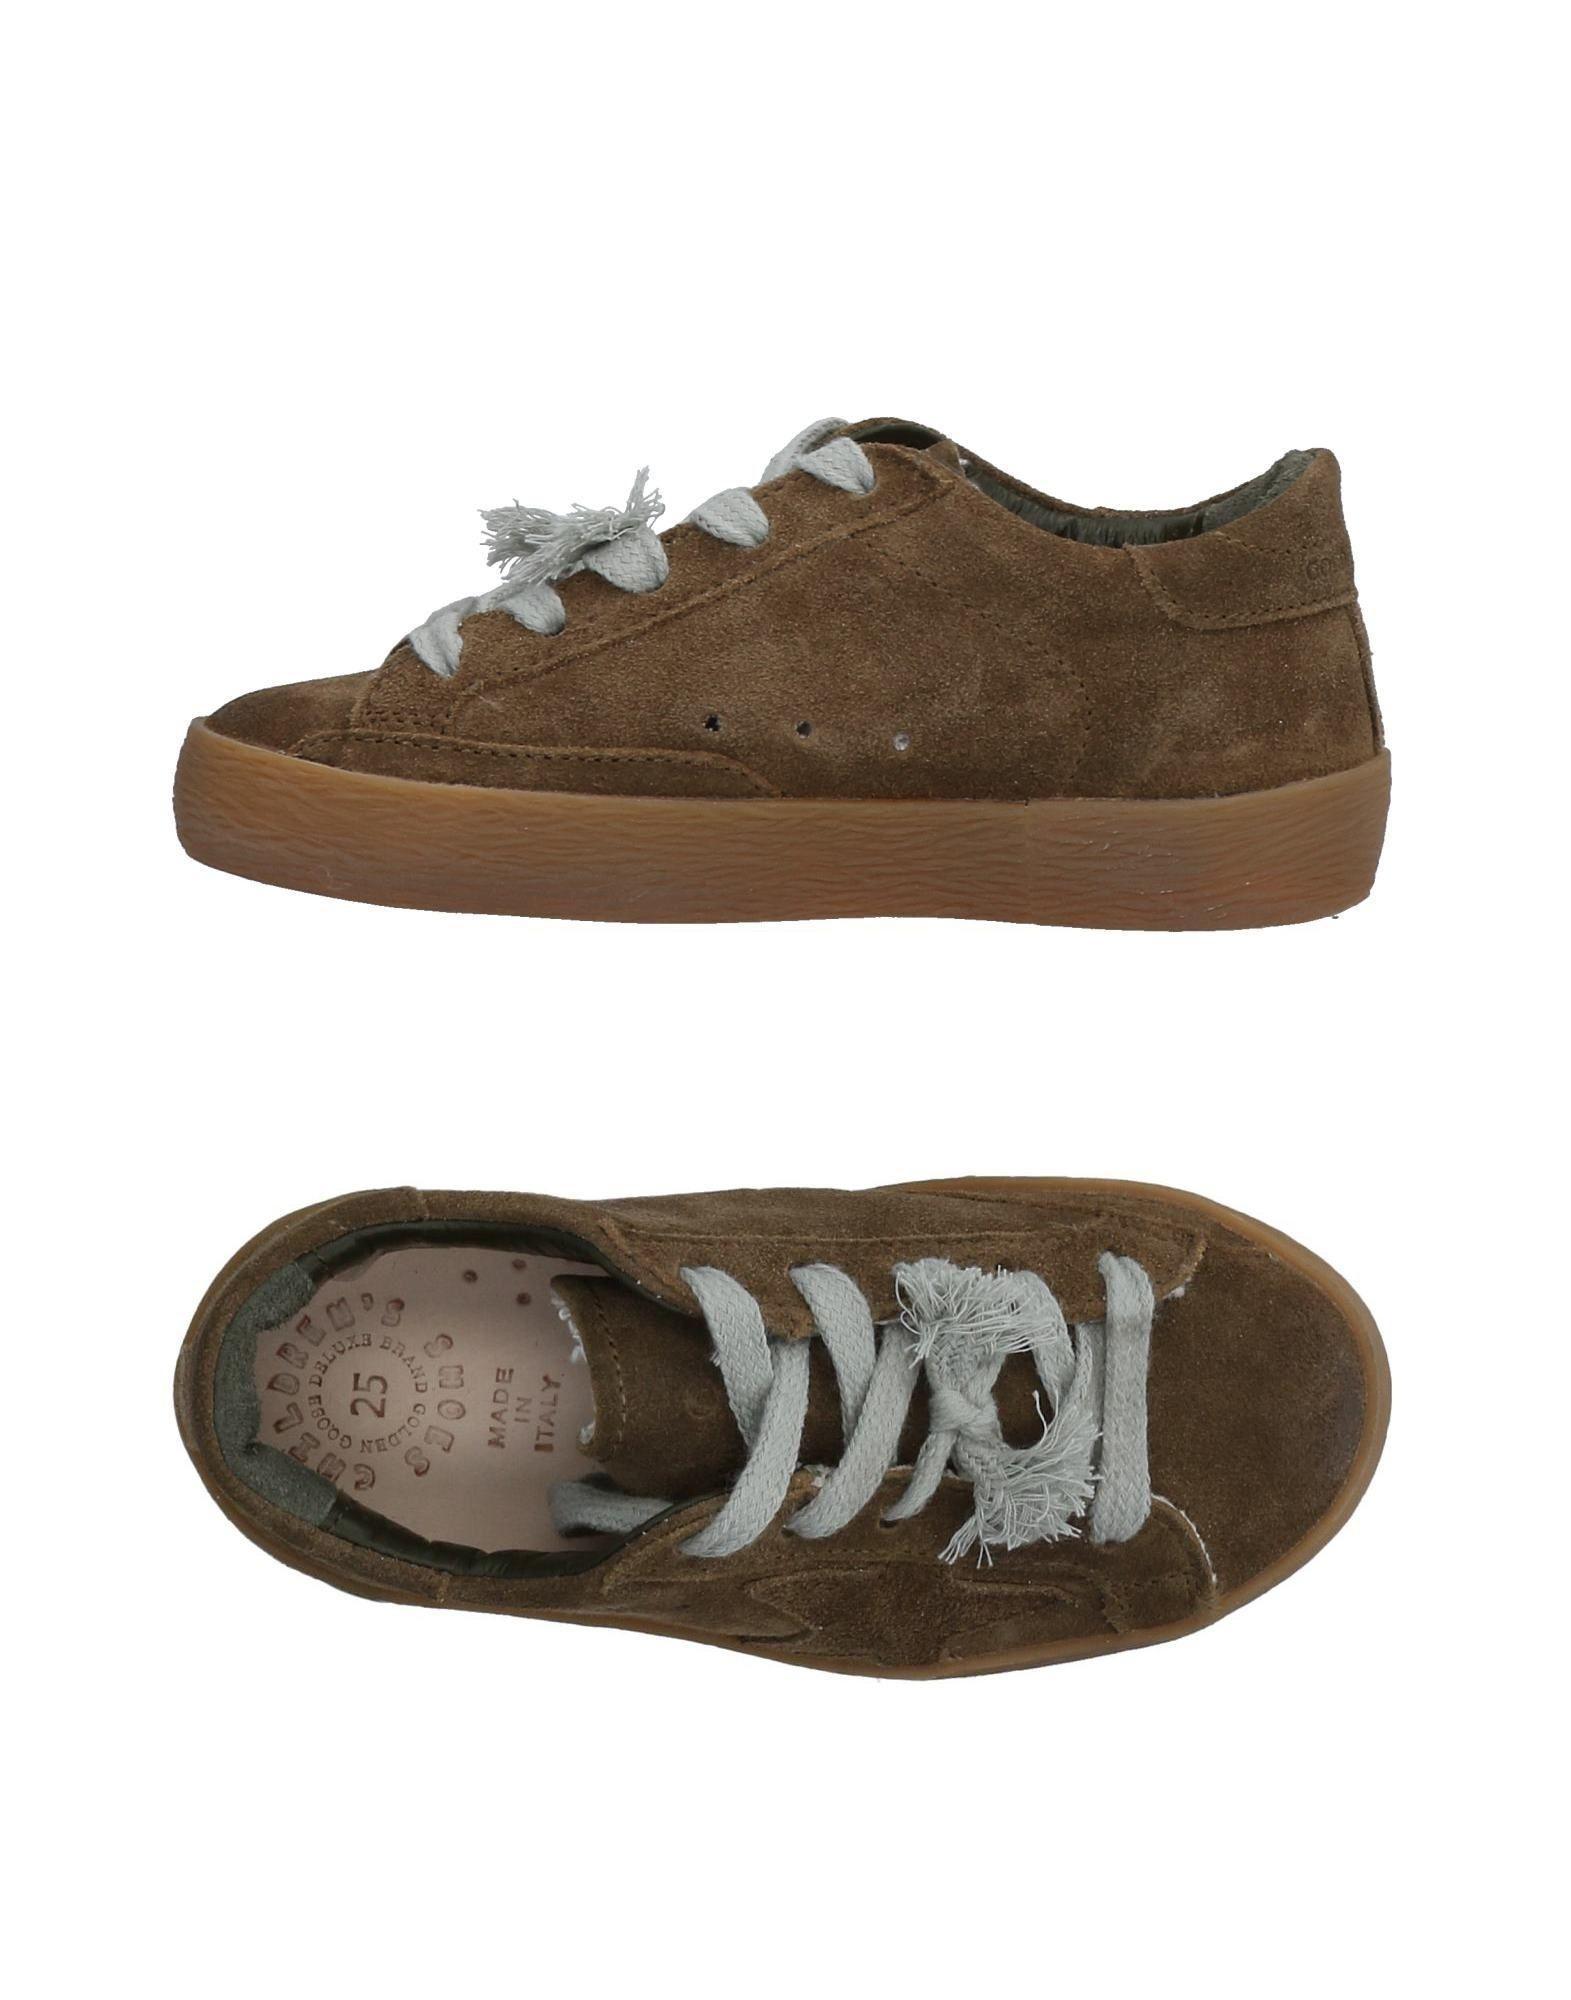 GOLDEN GOOSE DELUXE BRAND | GOLDEN GOOSE DELUXE BRAND Low-tops & sneakers 11469531 | Goxip